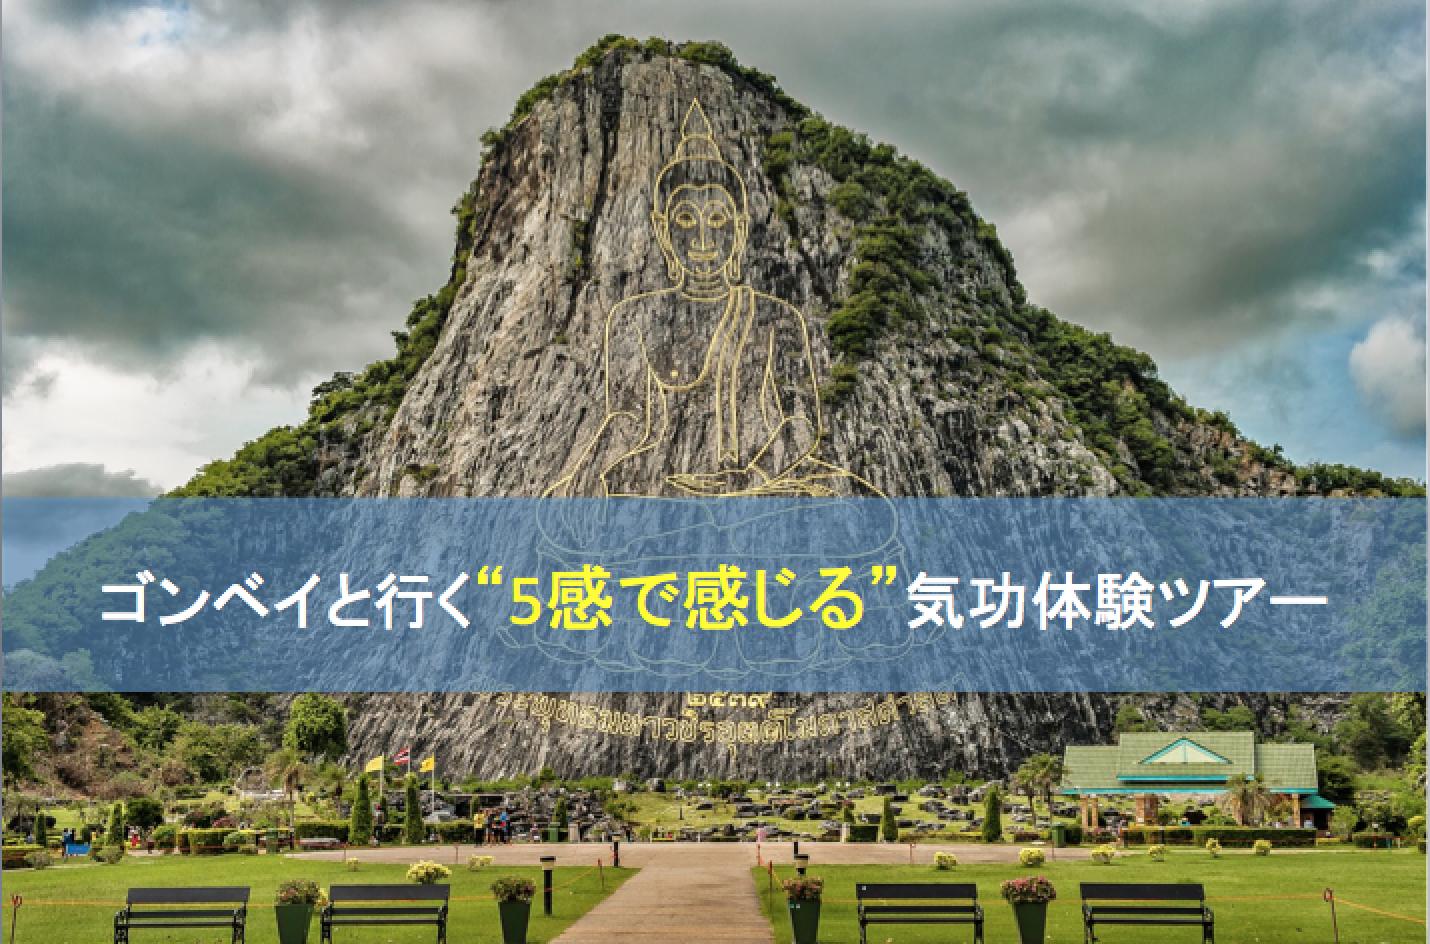 福田ゴンベイと行く気功体験ツアー